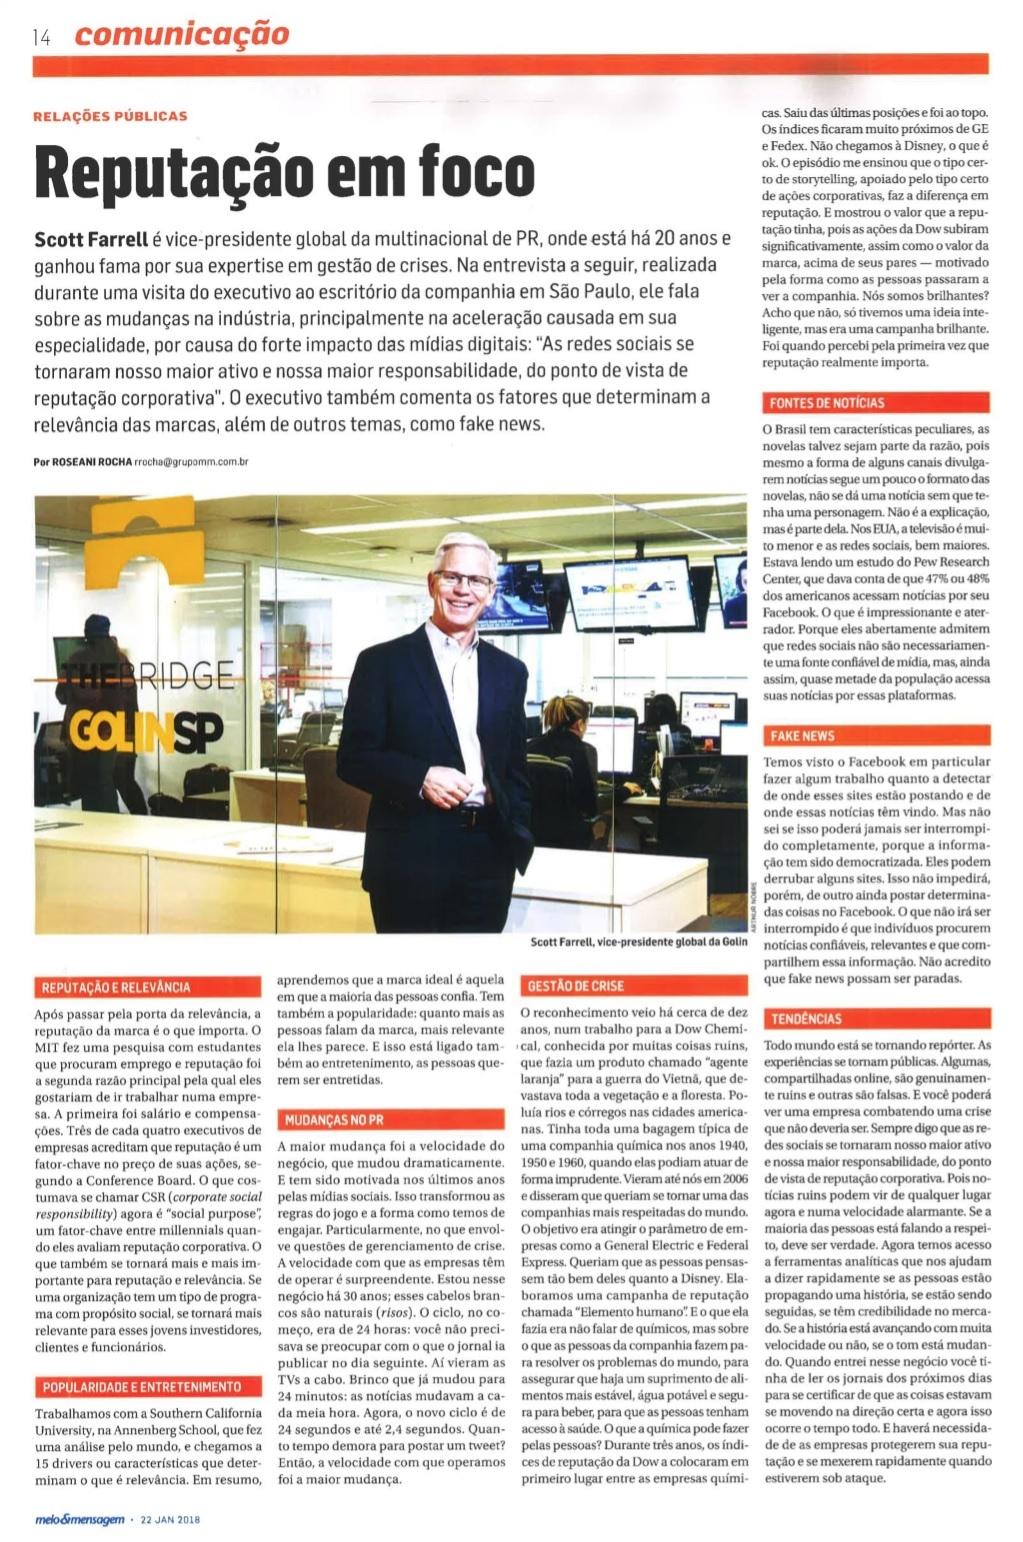 Entrevista com Scott Farrel para a revista Meio & Mensagem.